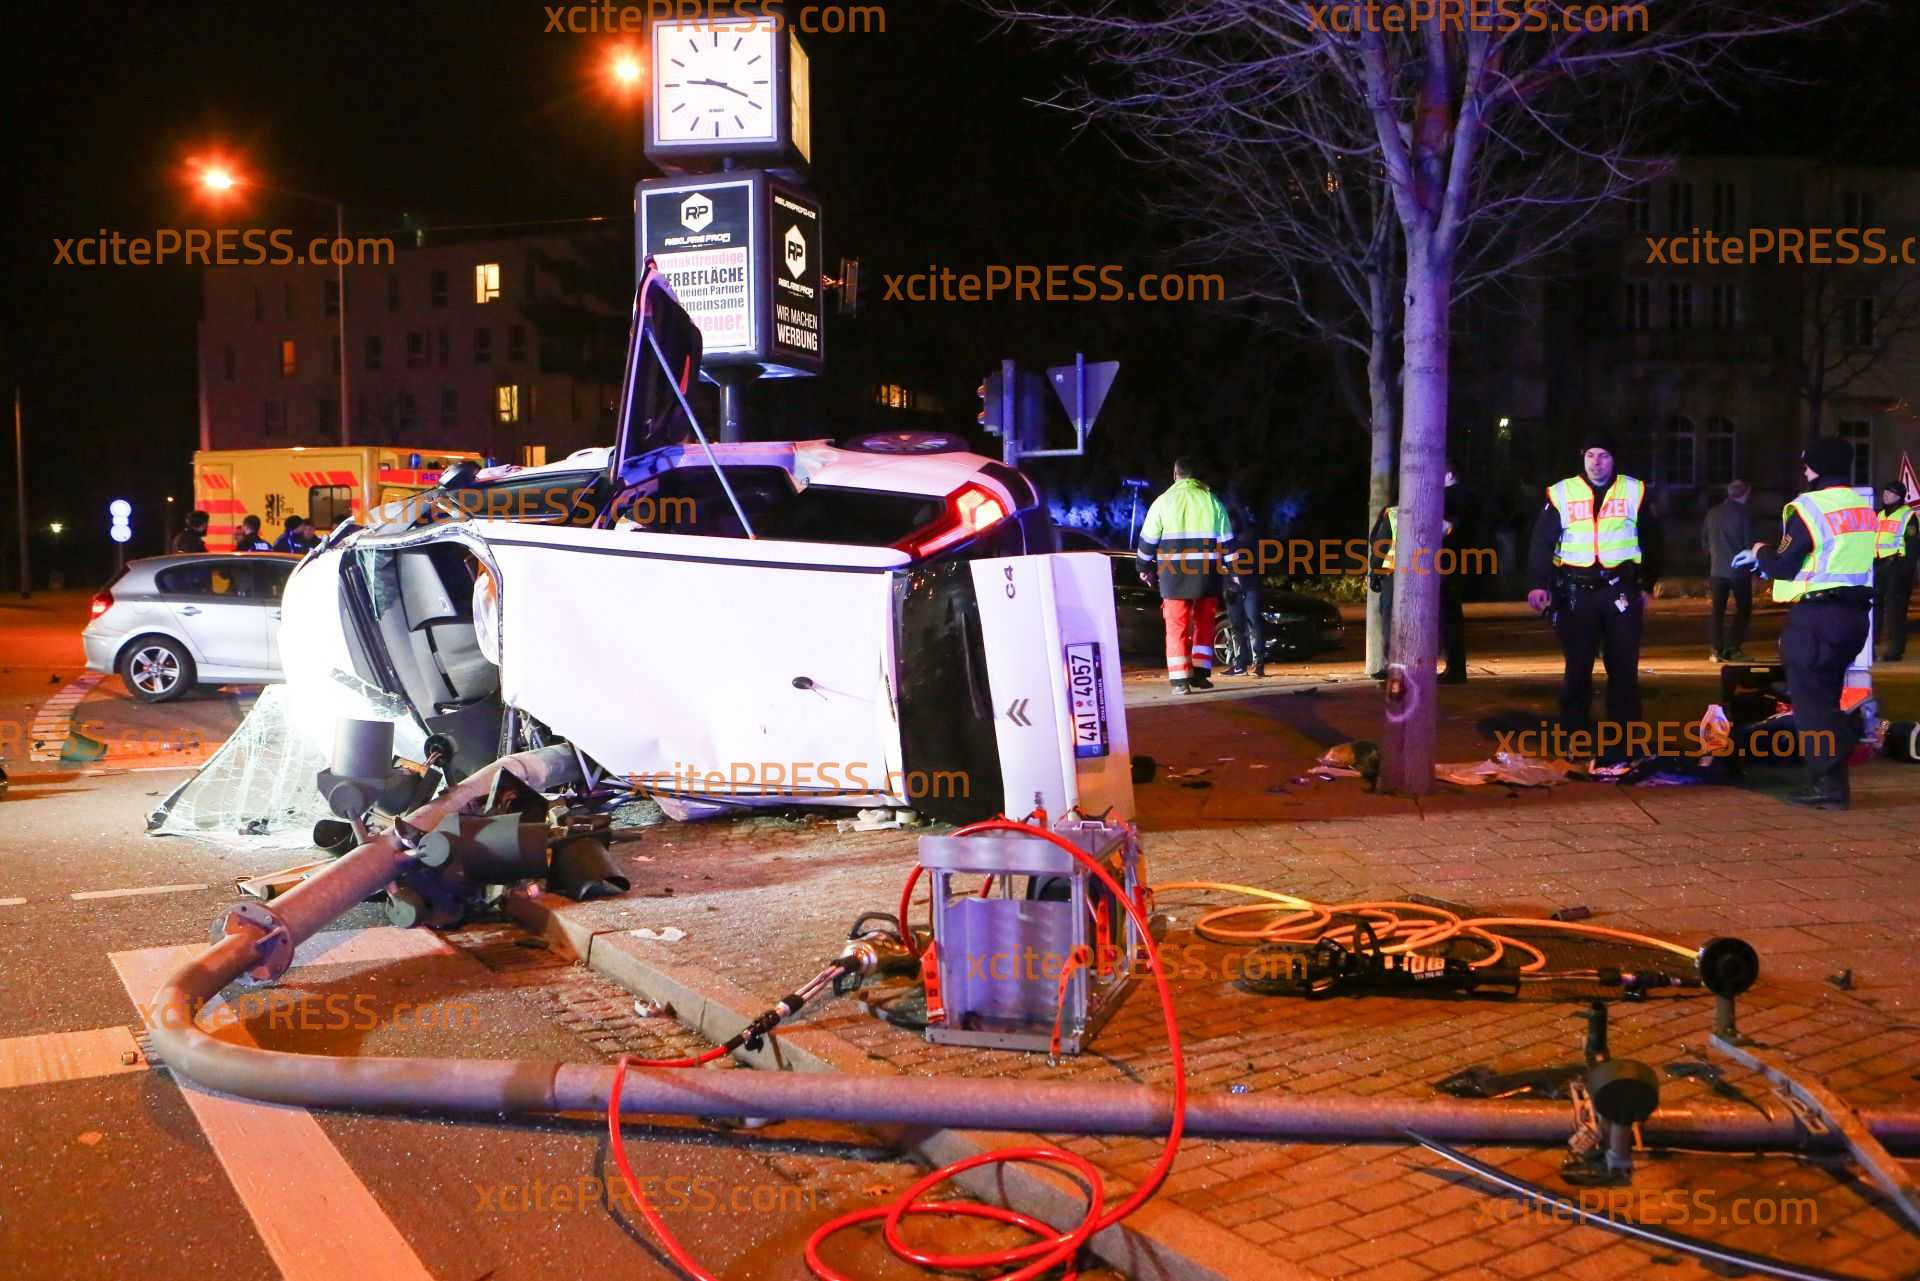 Mit Haftbefehl-gesuchter Ladendieb baut schweren Unfall: Nichtangeschnalltsein rettete Fahrer (41) offenbar das Leben